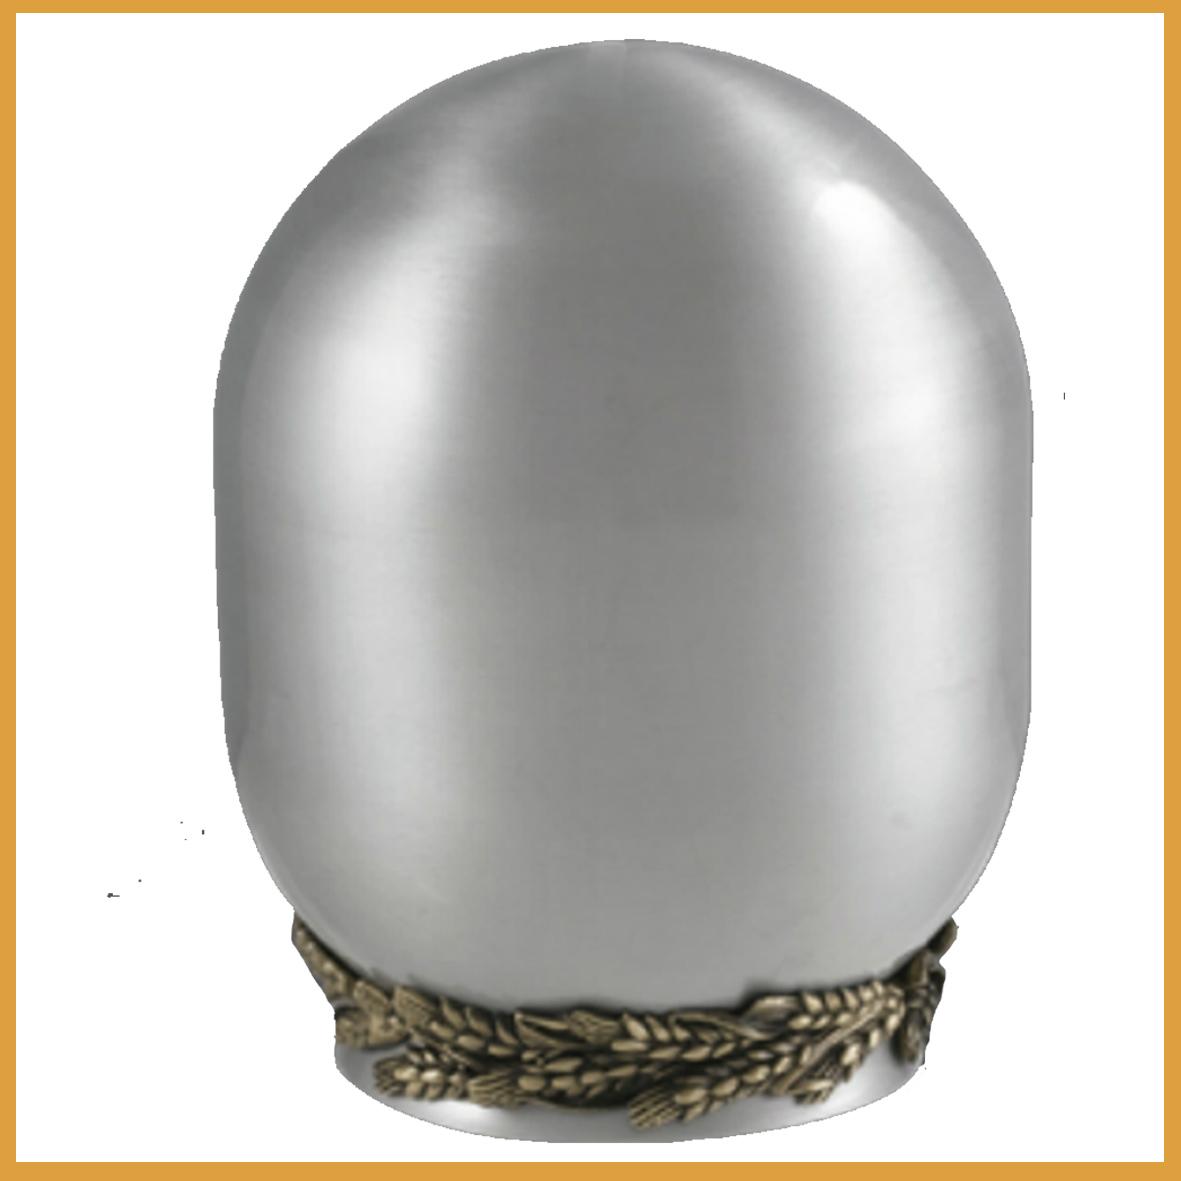 urne1